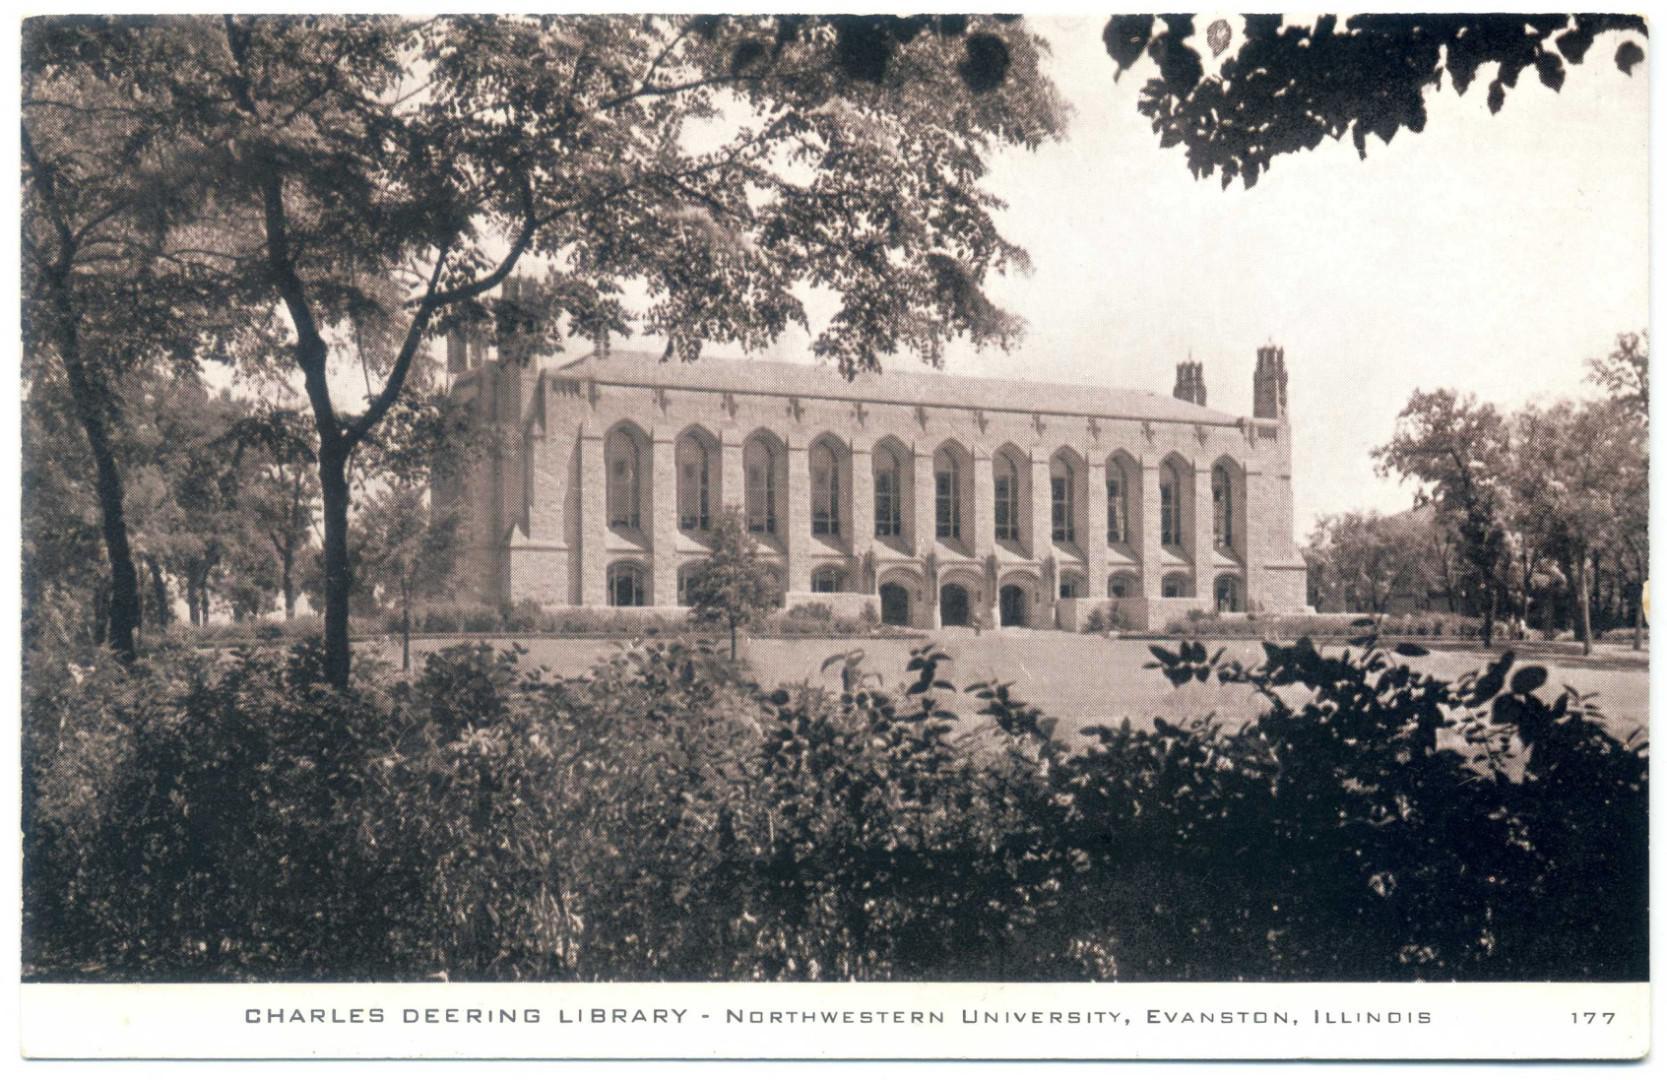 Evanston: Northwestern University, Charles Deering Library